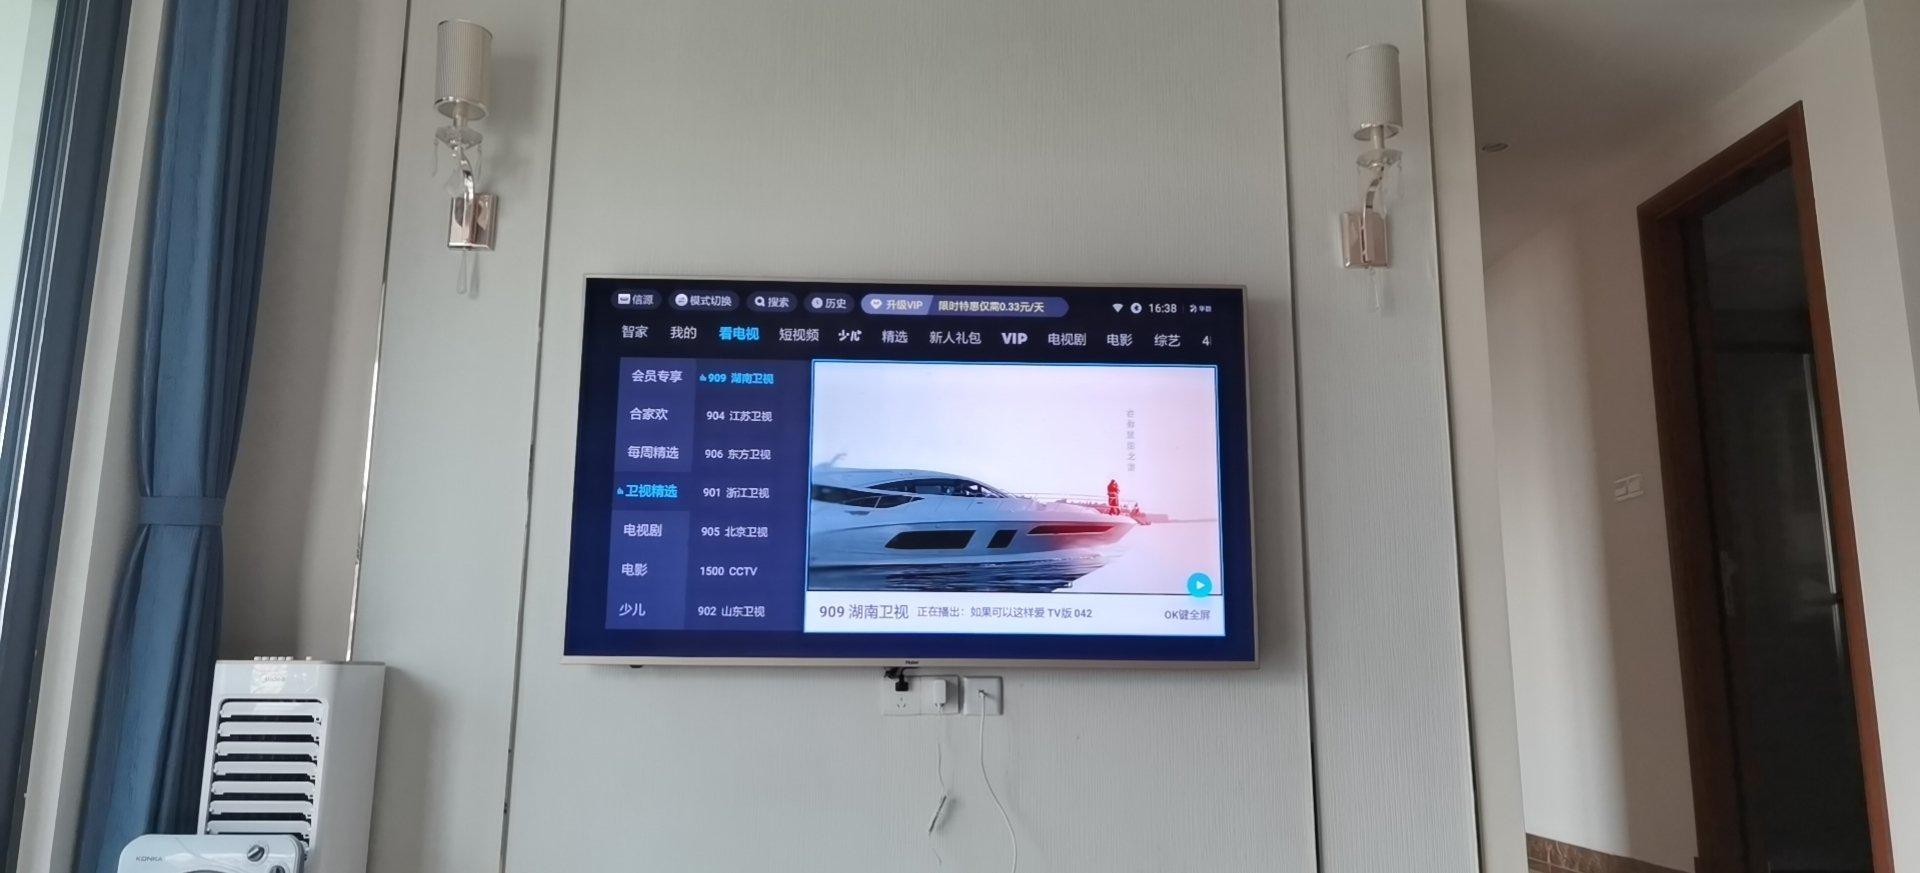 海尔70英寸超高清电视, 真高清4K视频支持8K解码